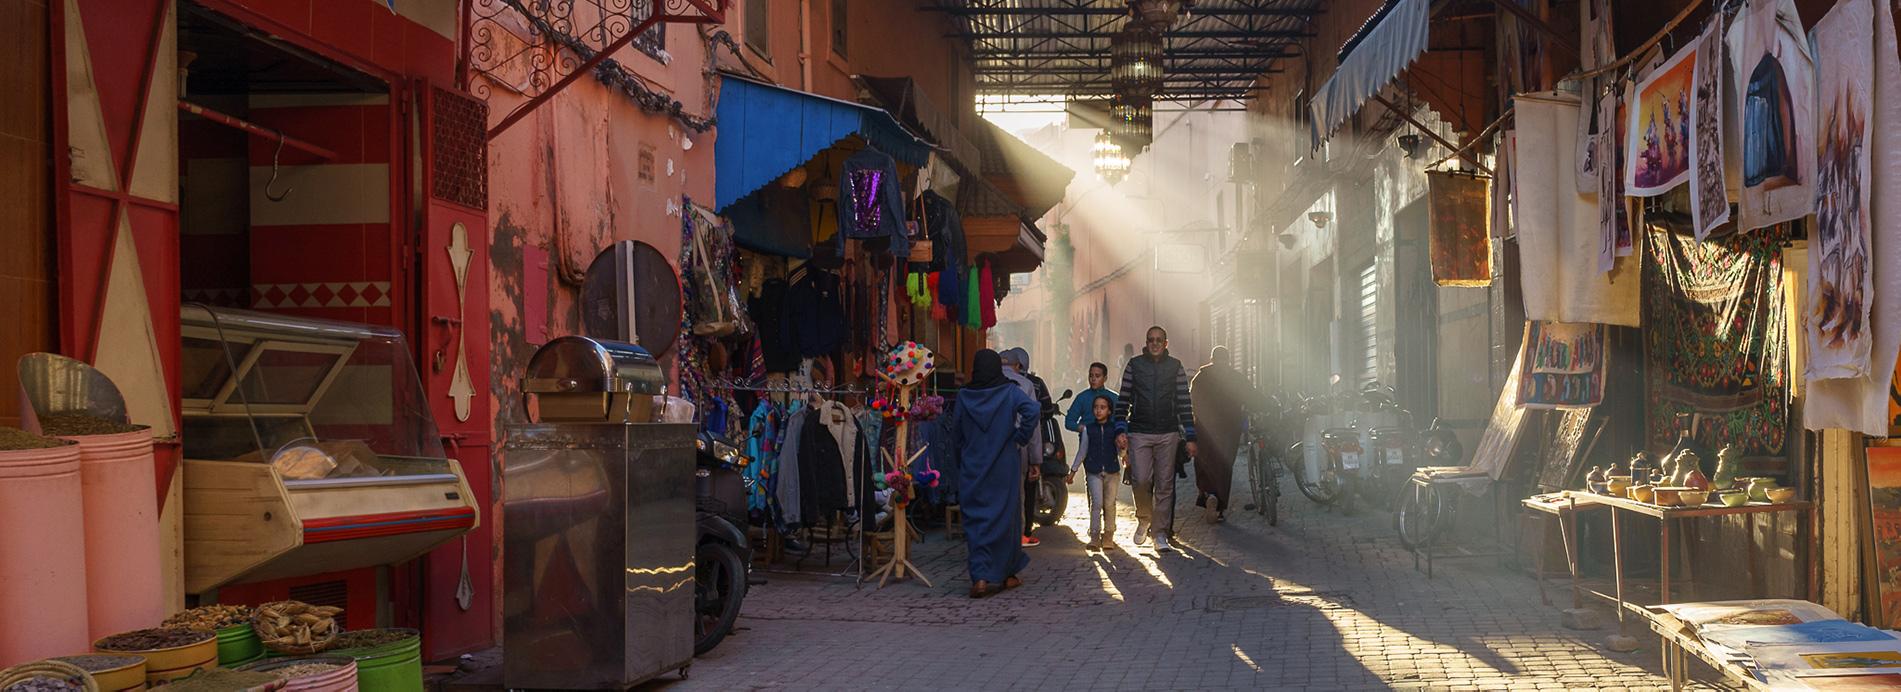 Marokko II: Ein Besuch in Marrakesch.